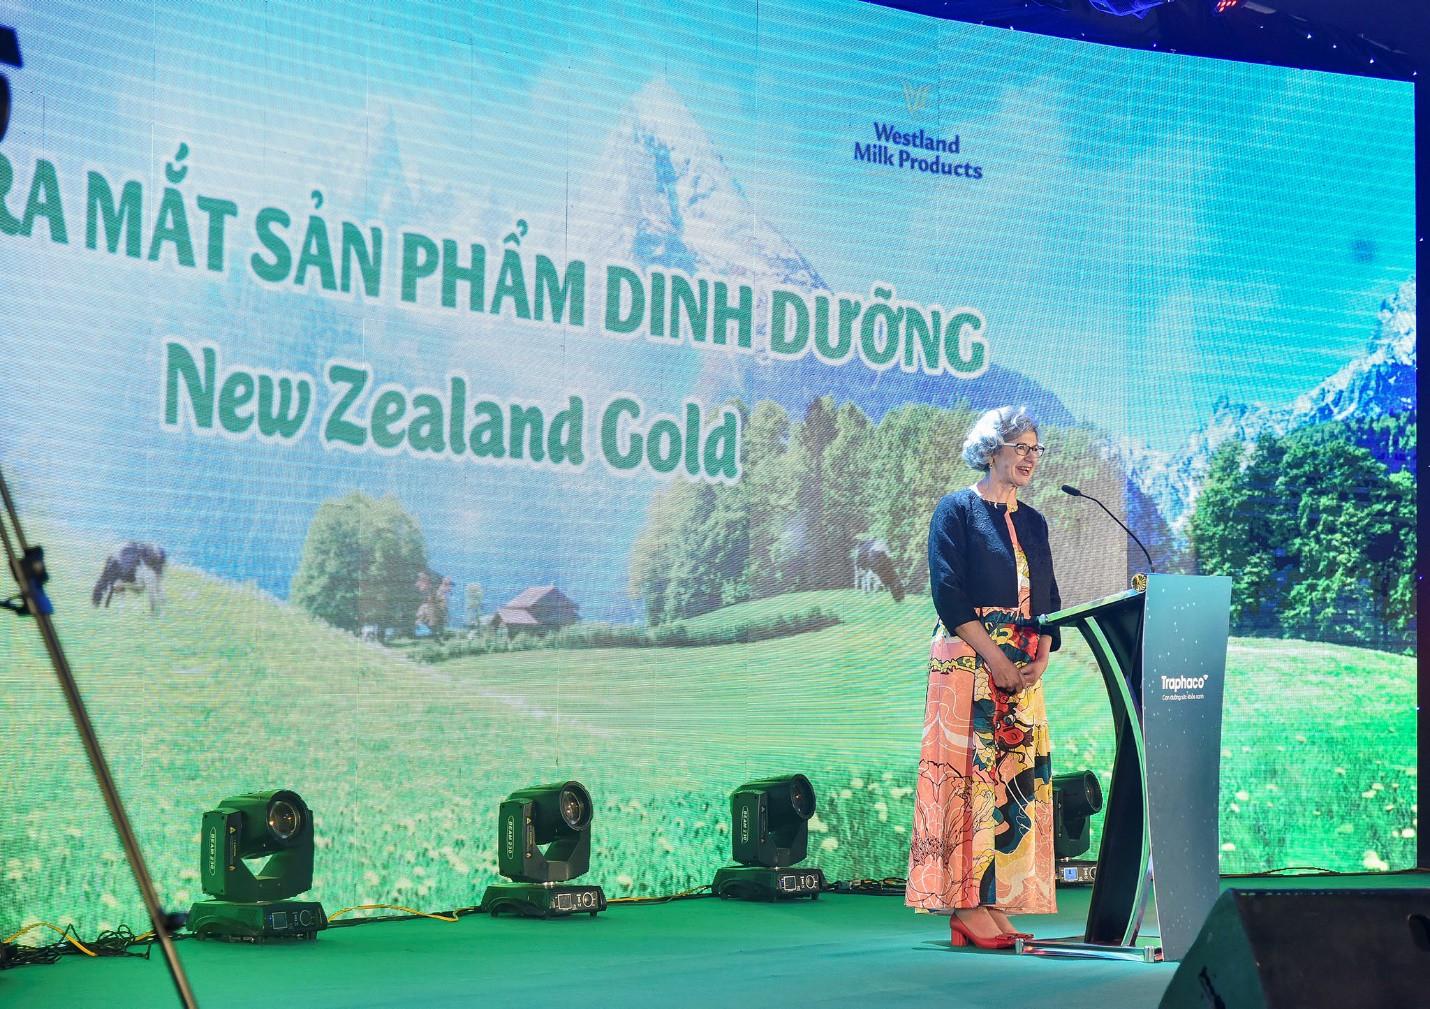 Thị trường sữa xuất hiện dòng sữa thiên nhiên từ New Zealand được nhãn dược uy tín hàng đầu Việt Nam bảo trợ chất lượng - Ảnh 1.